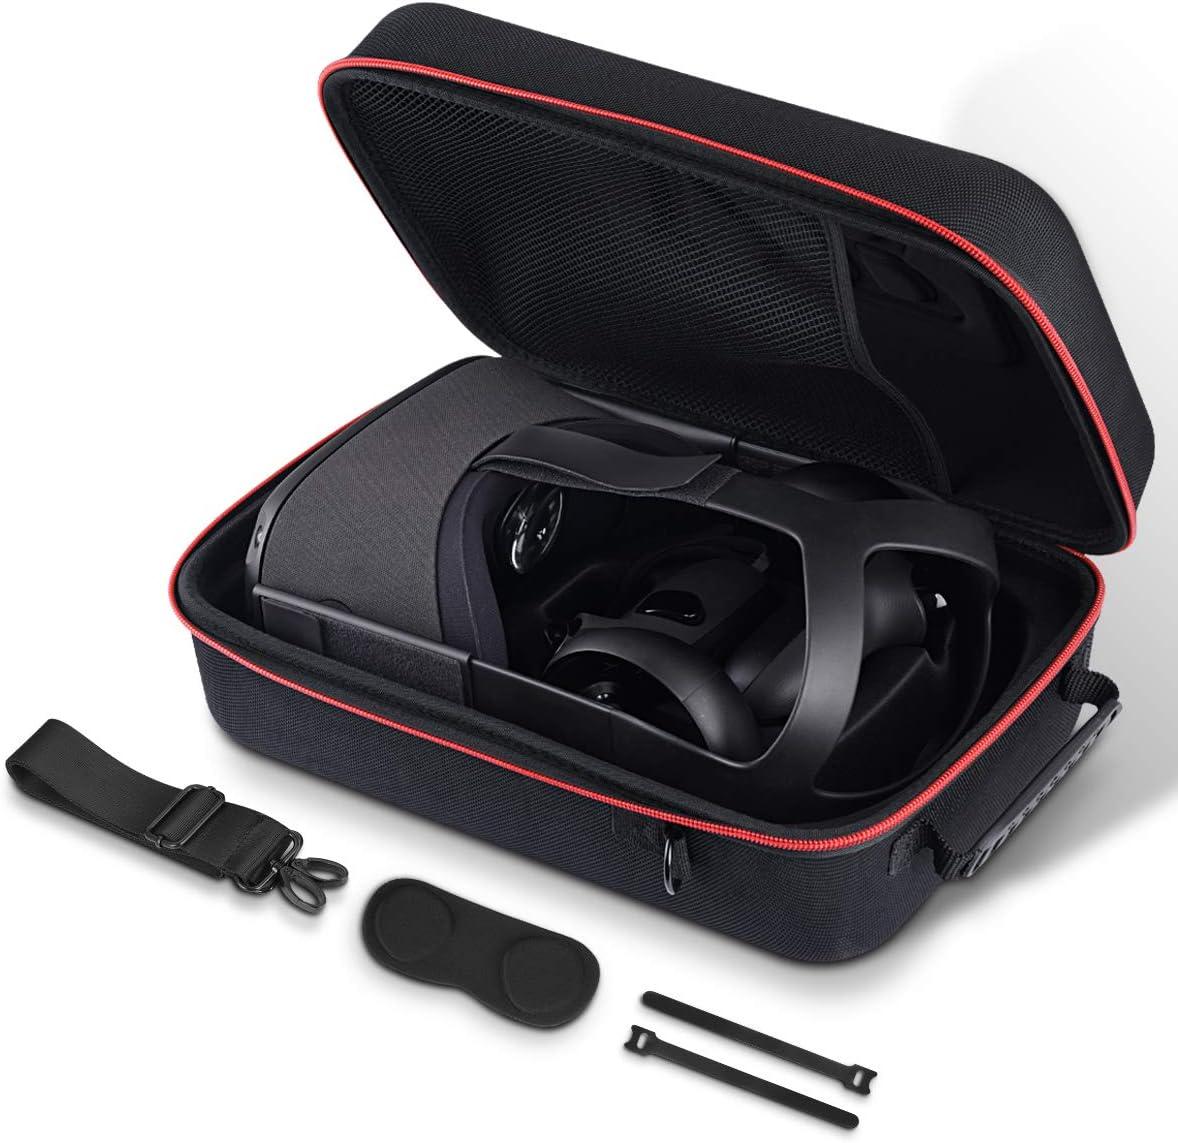 AkoaDa Funda para Oculus Quest 3D VR Virtual Reality Headset//Oculus Quest Eva Hart VR Gaming Gamepad mando a distancia bolsa de viaje